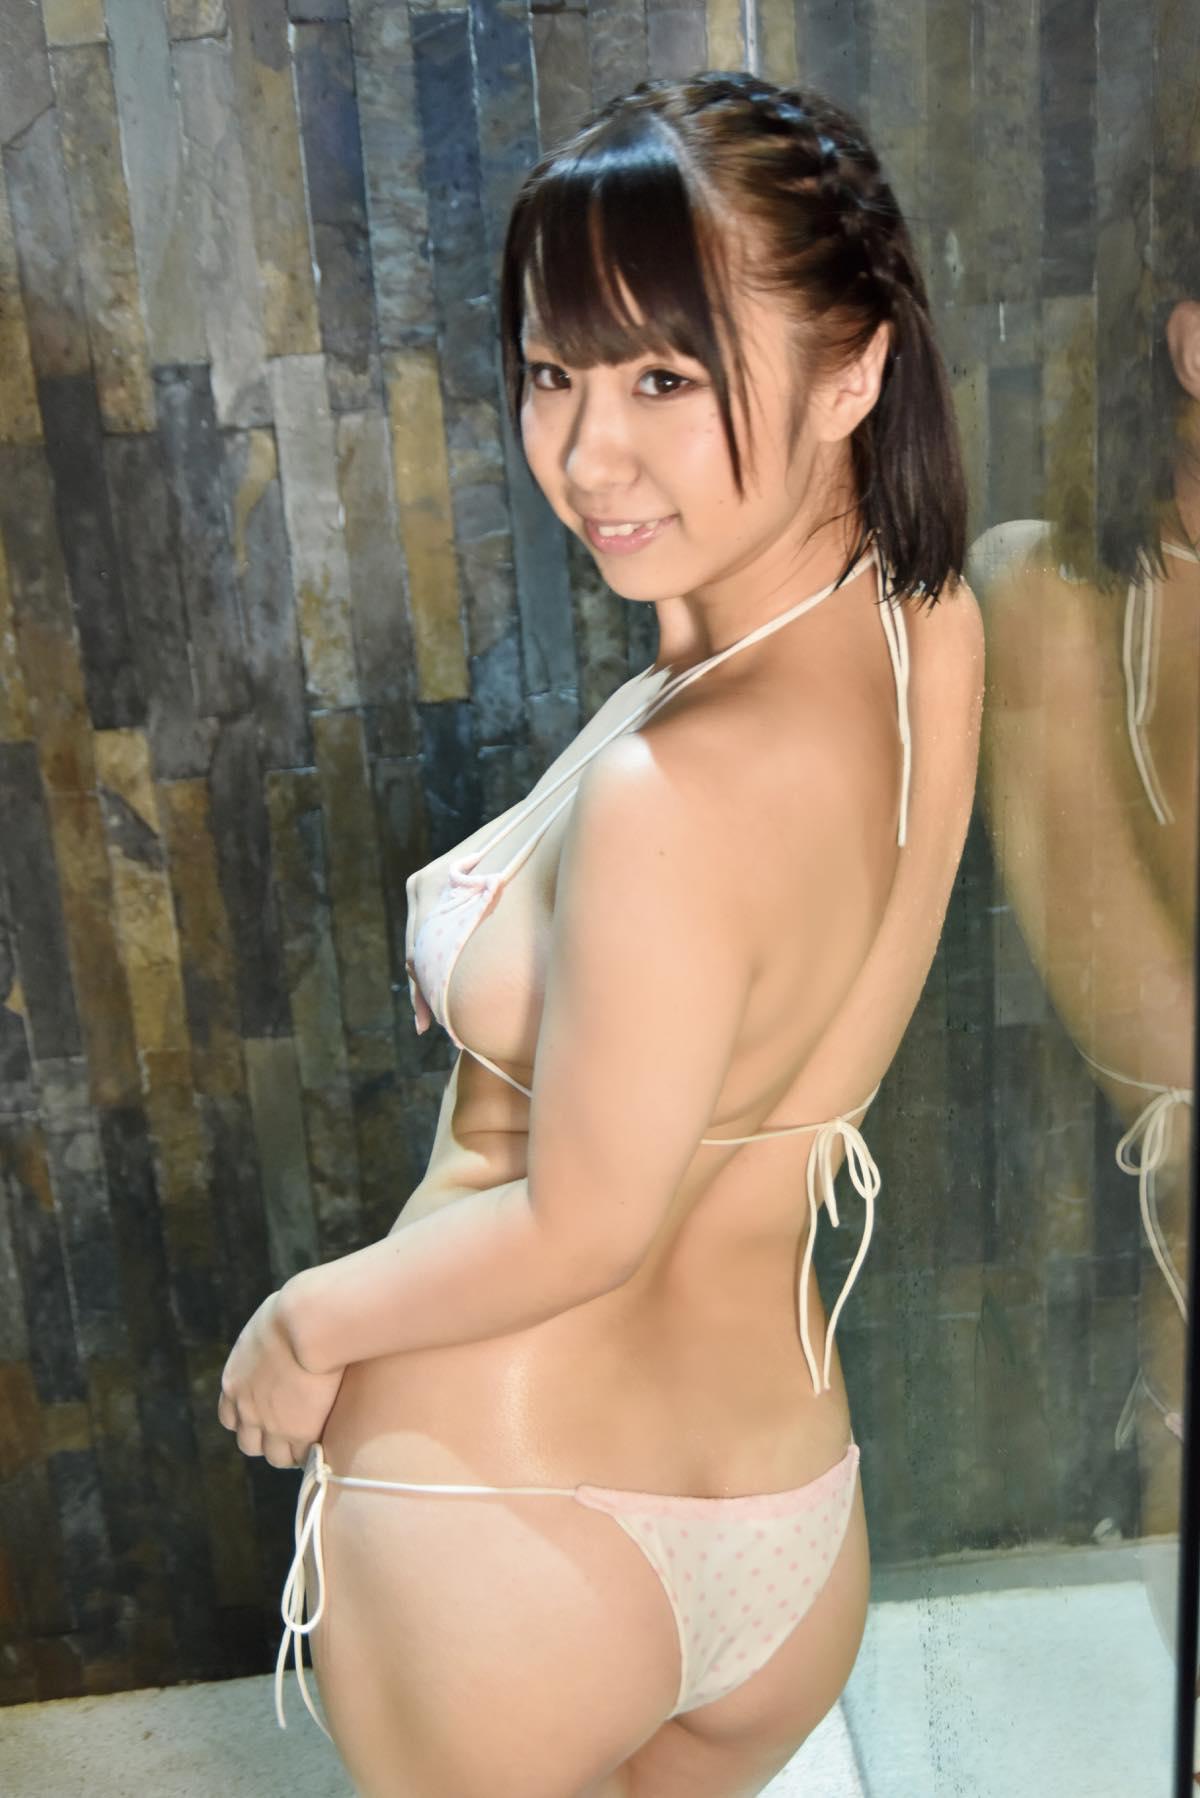 立川愛梨「小悪魔童顔むっちりボディ」90cmHカップがフレッシュに弾ける!【写真9枚】の画像009